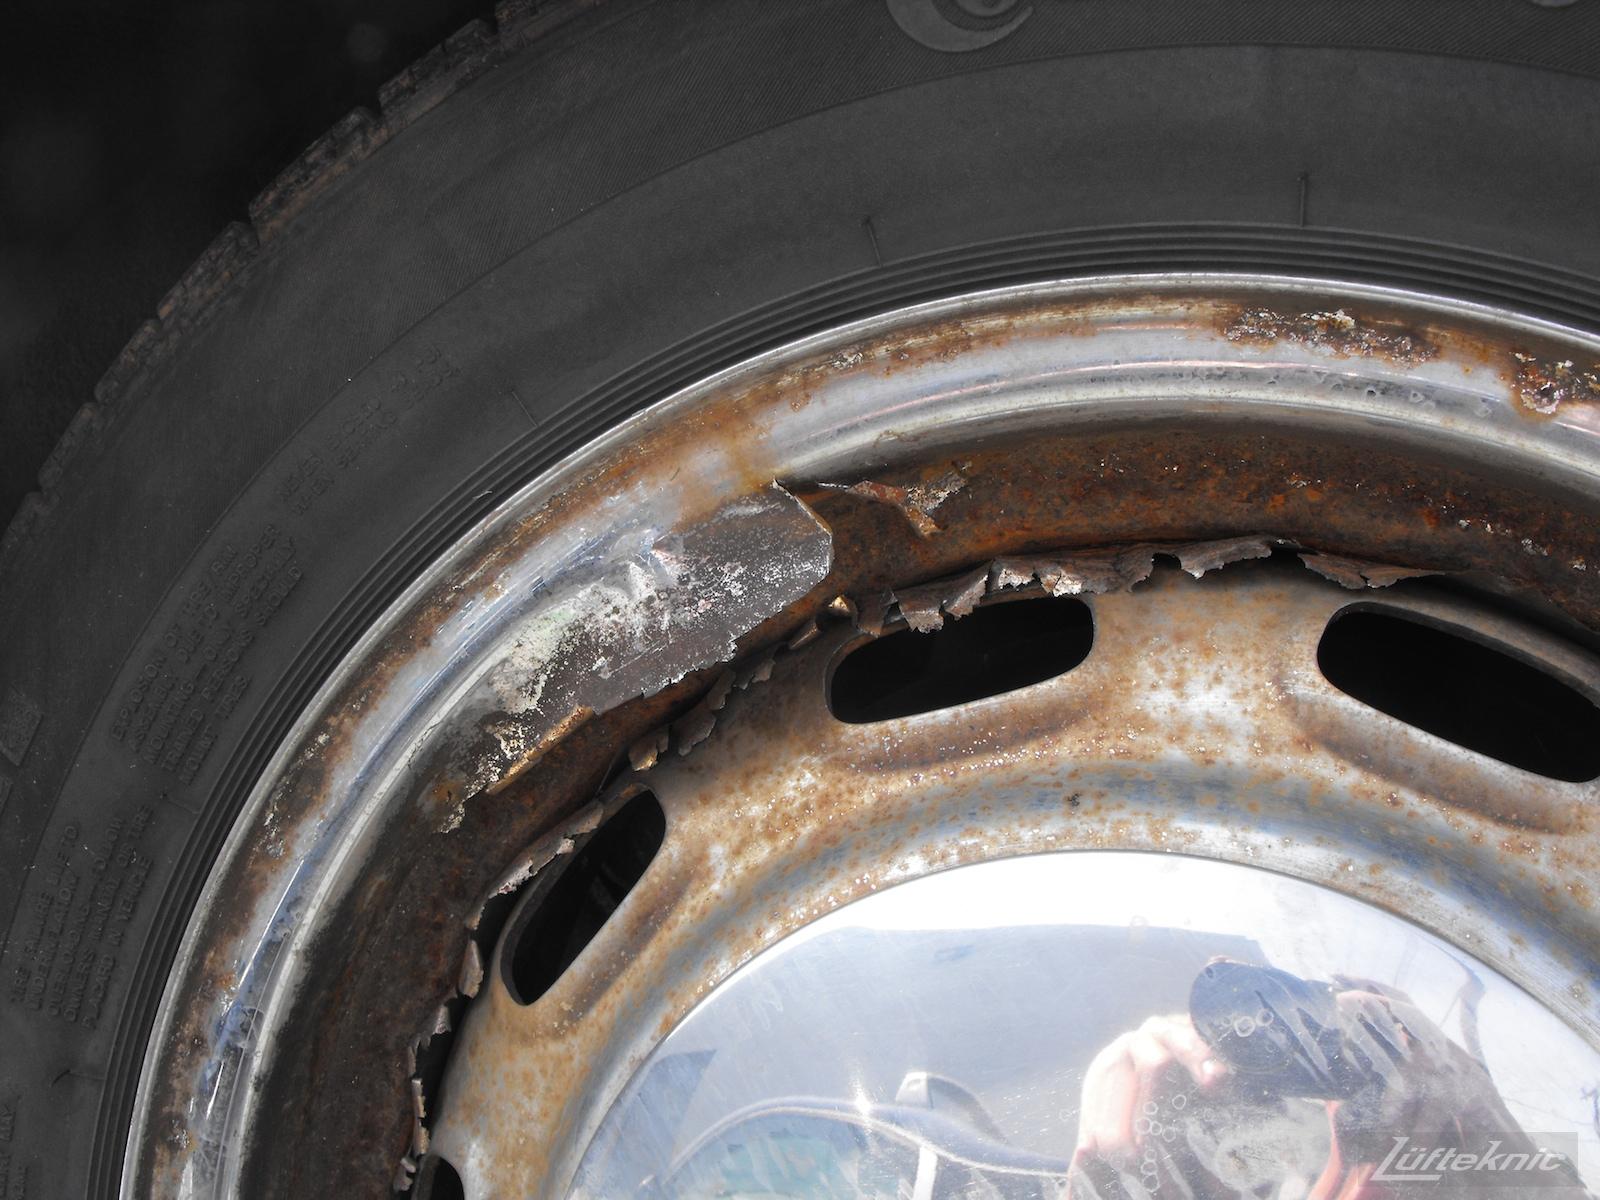 Rusty wheels.